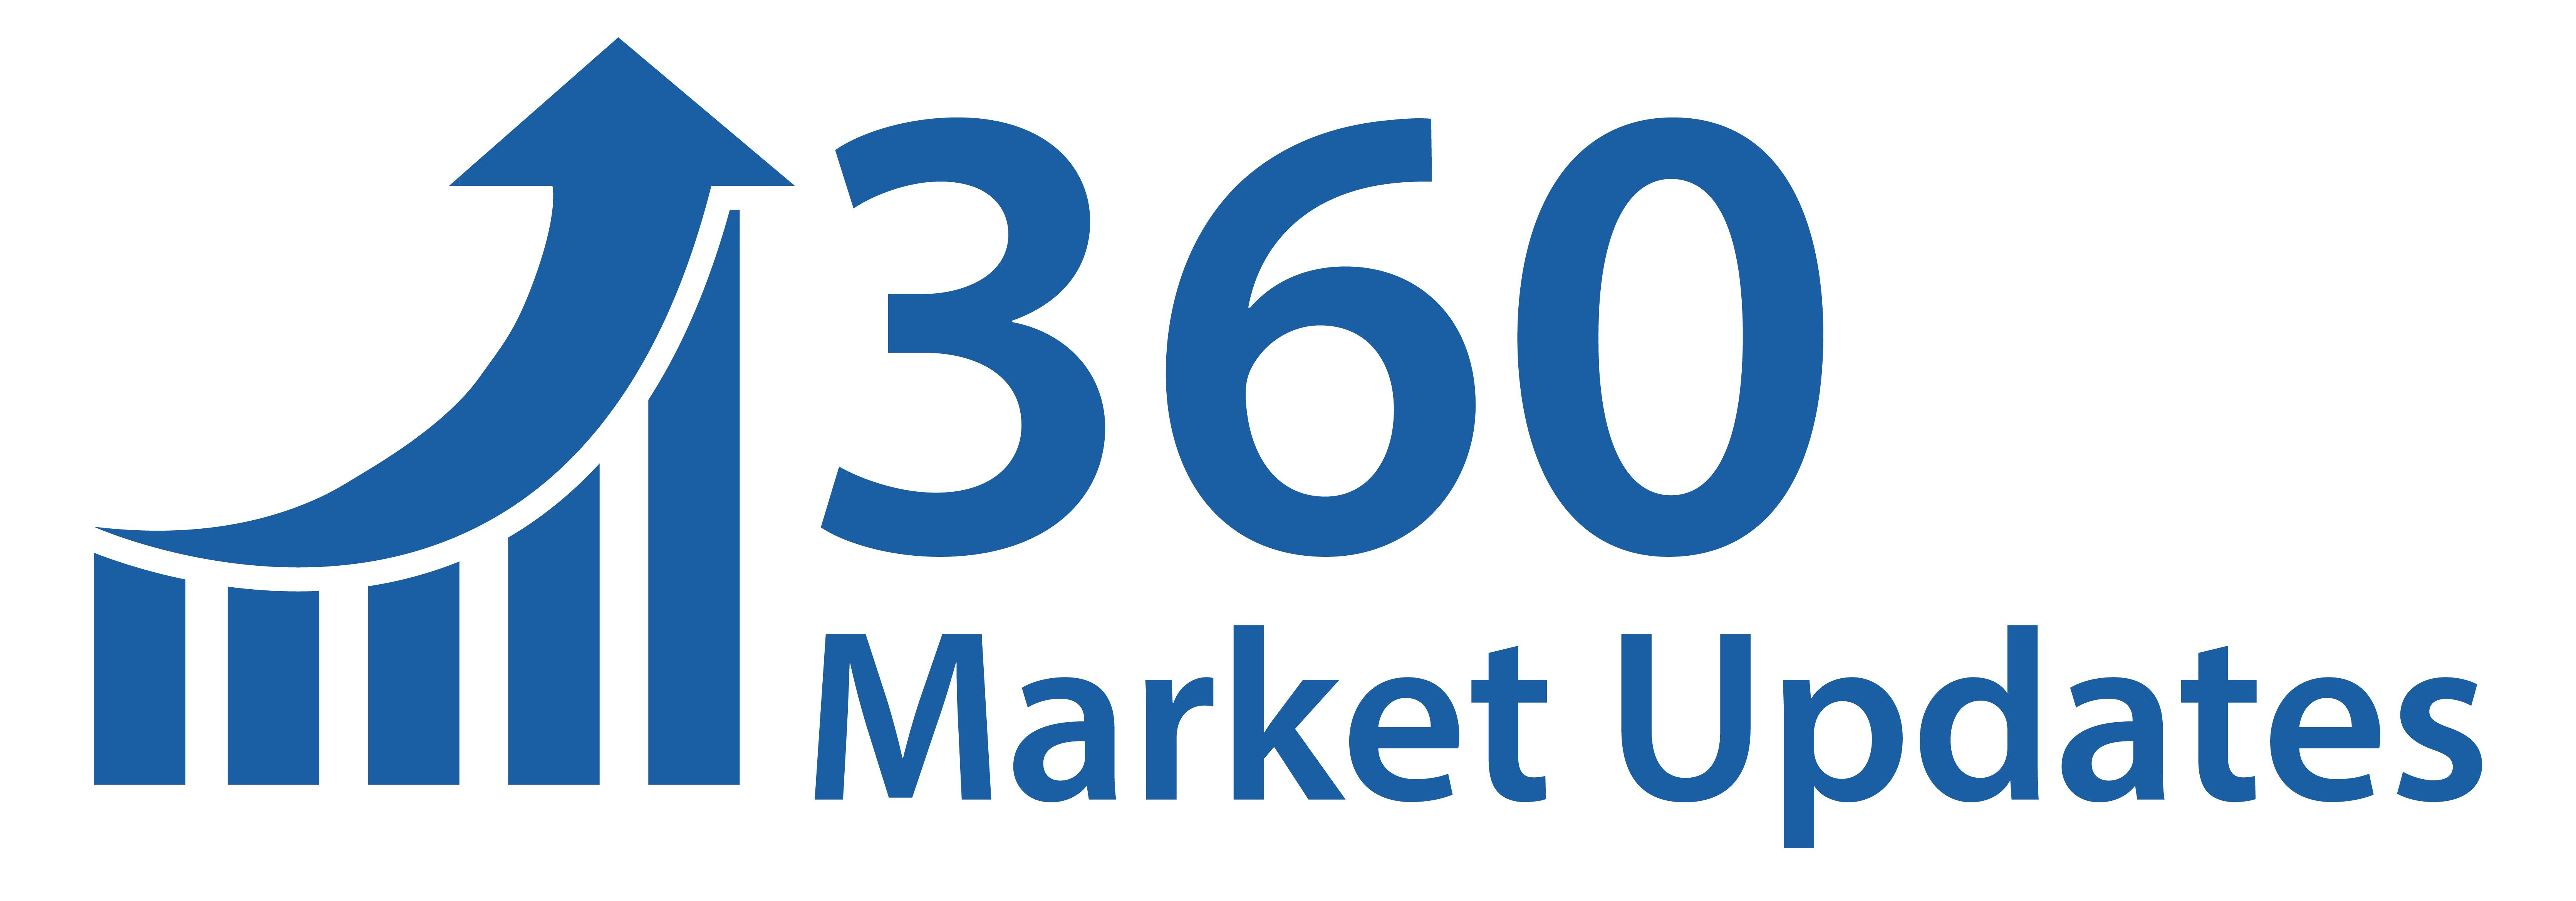 Global Biobanking Market Size, Anteil 2020 Industrie wächst schnell mit der jüngsten Nachfrage, Trends, Entwicklung, Umsatz und Prognose bis 2025 - sagt 360marketupdates.com